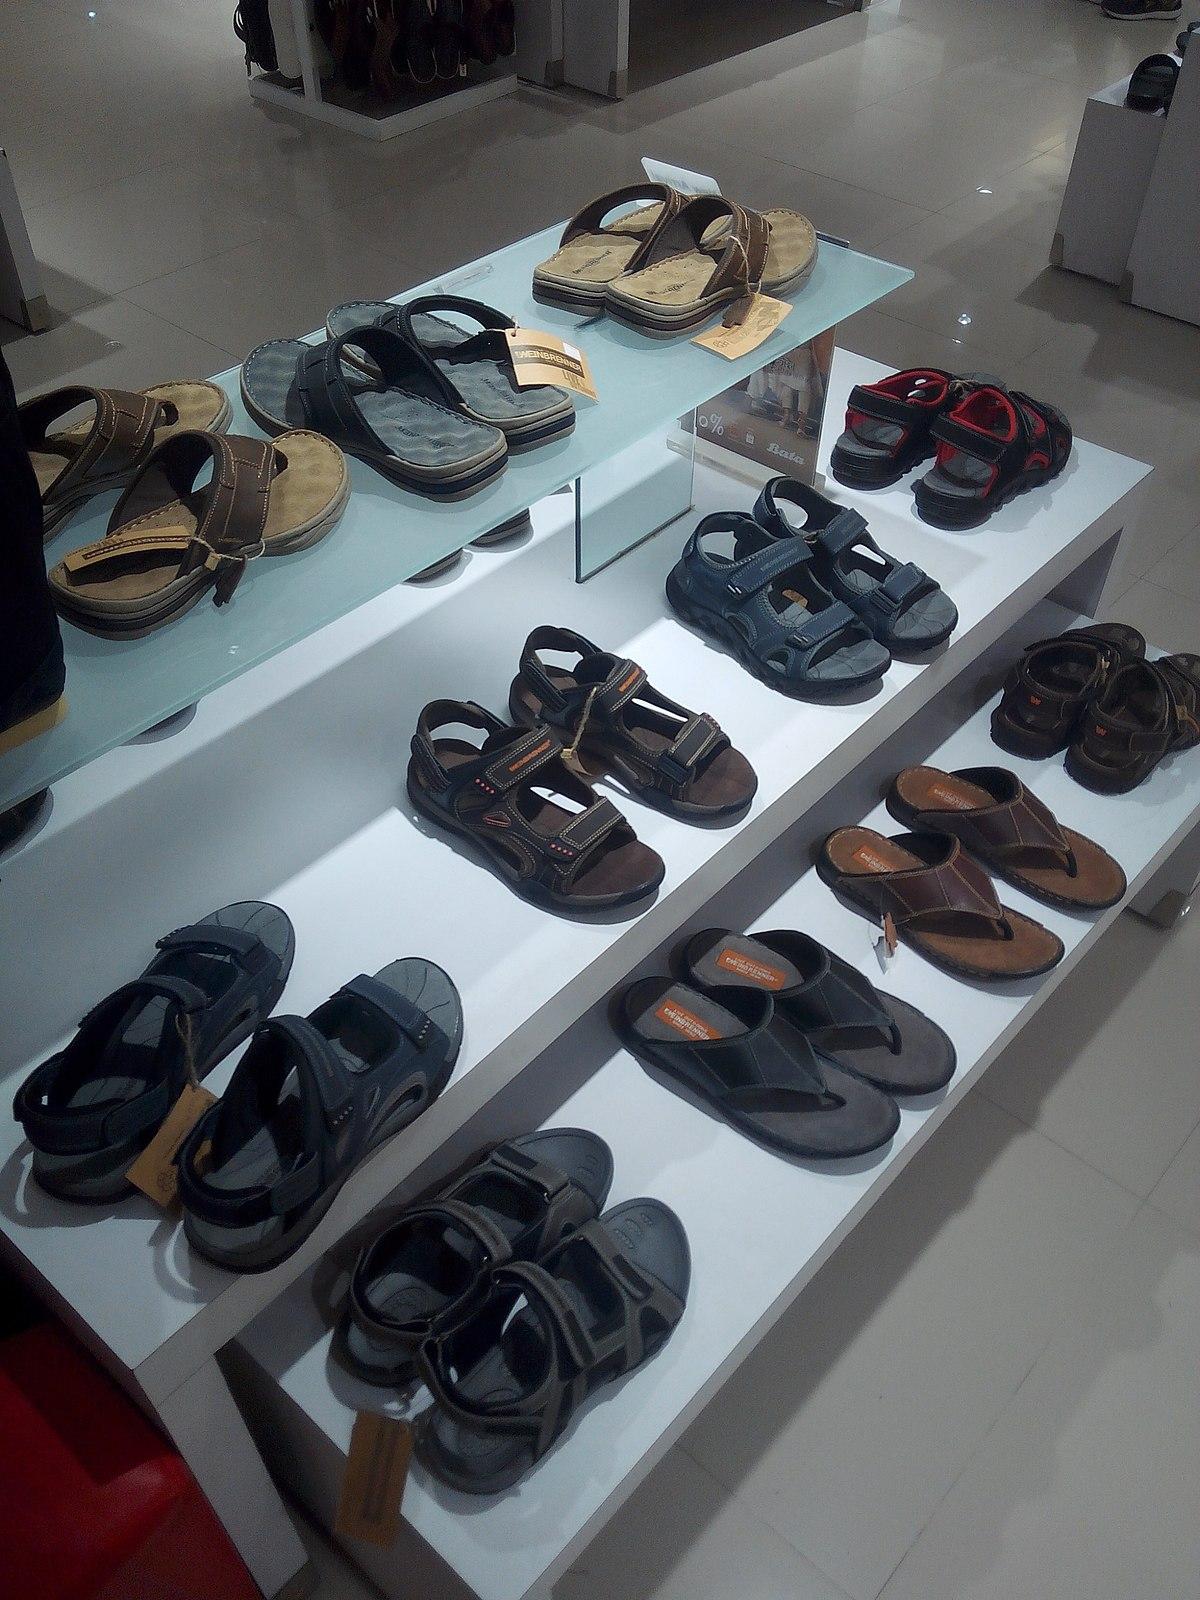 File:Bata Shoes Dhaka.jpg - Wikimedia